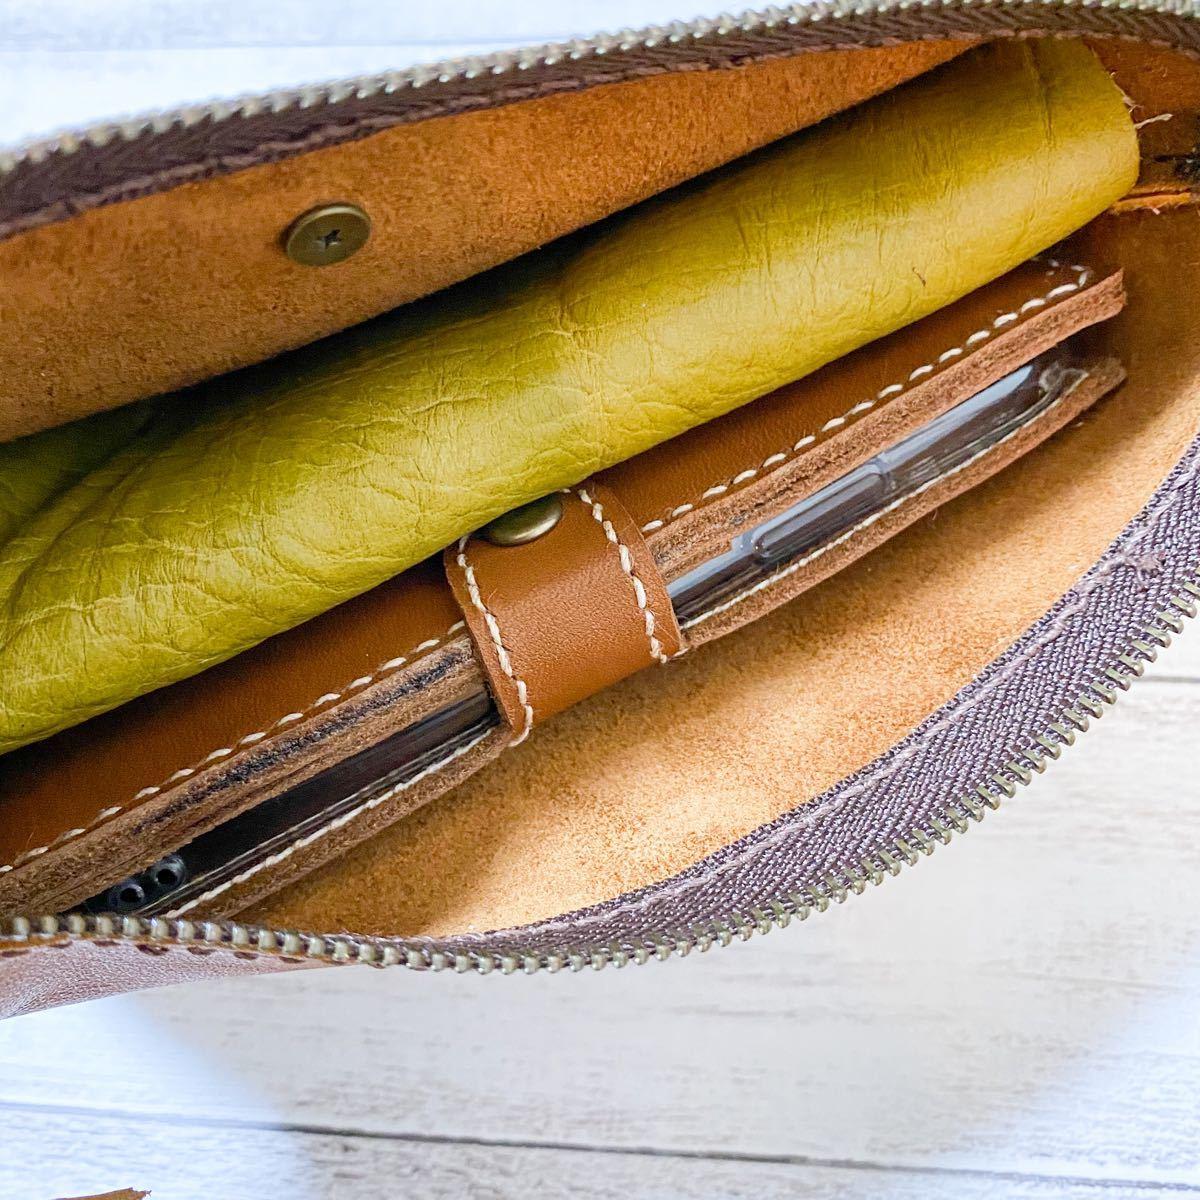 ポーチ セカンドバッグ 革 マチ付き 化粧ポーチ 小物入れ ブラウン 茶色